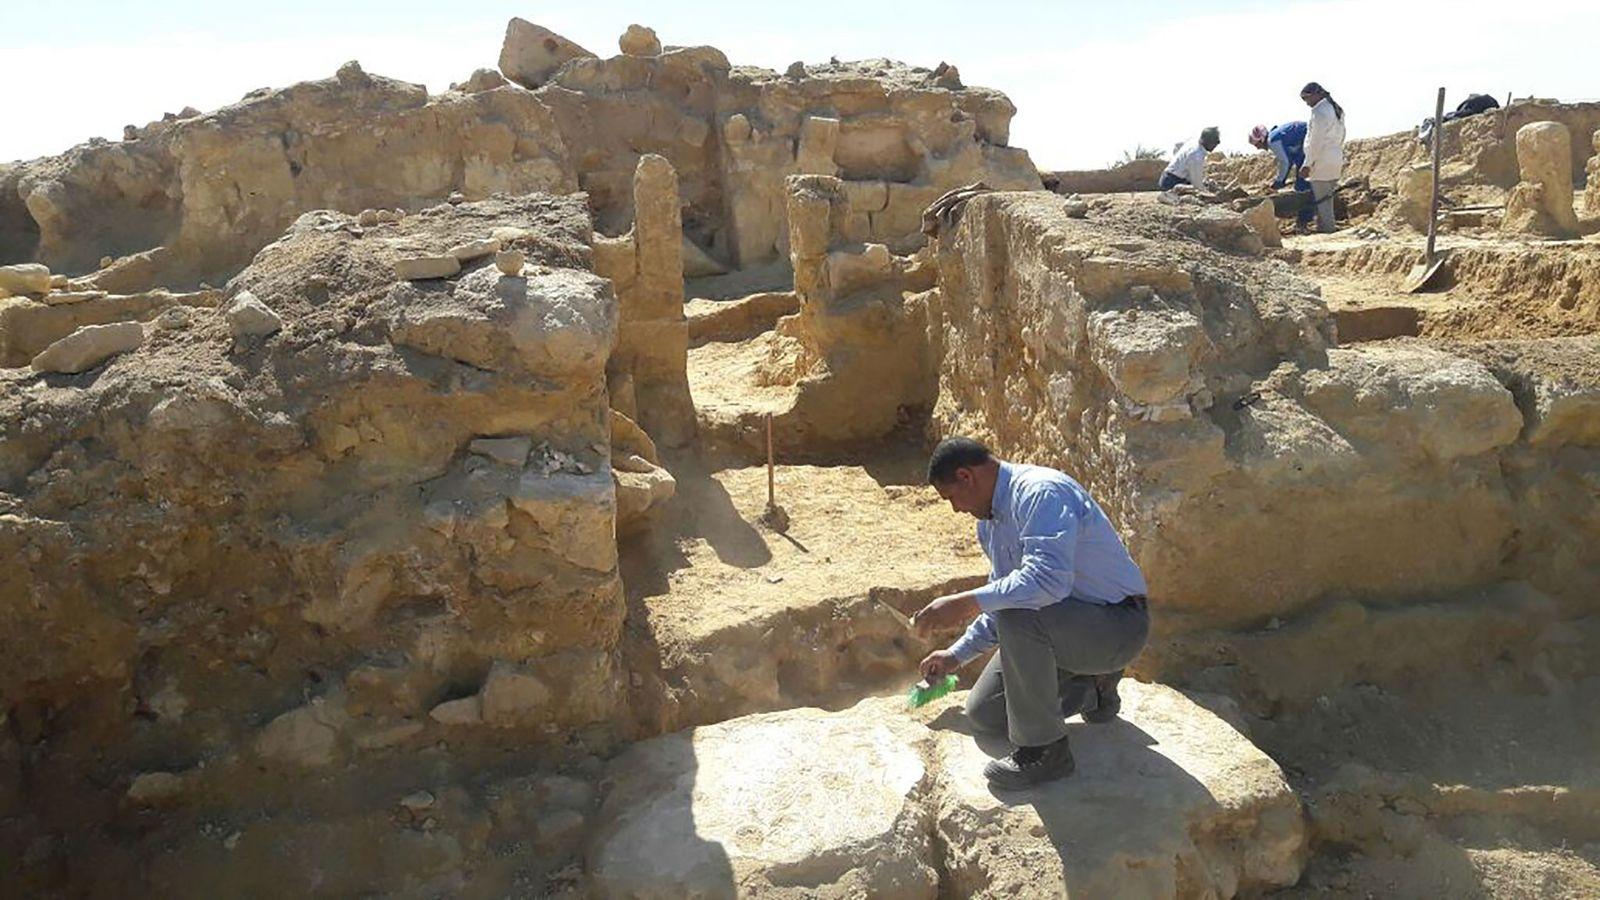 Un templo grecorromano recién descubierto ha sido desenterrado en el desierto occidental de Egipto.